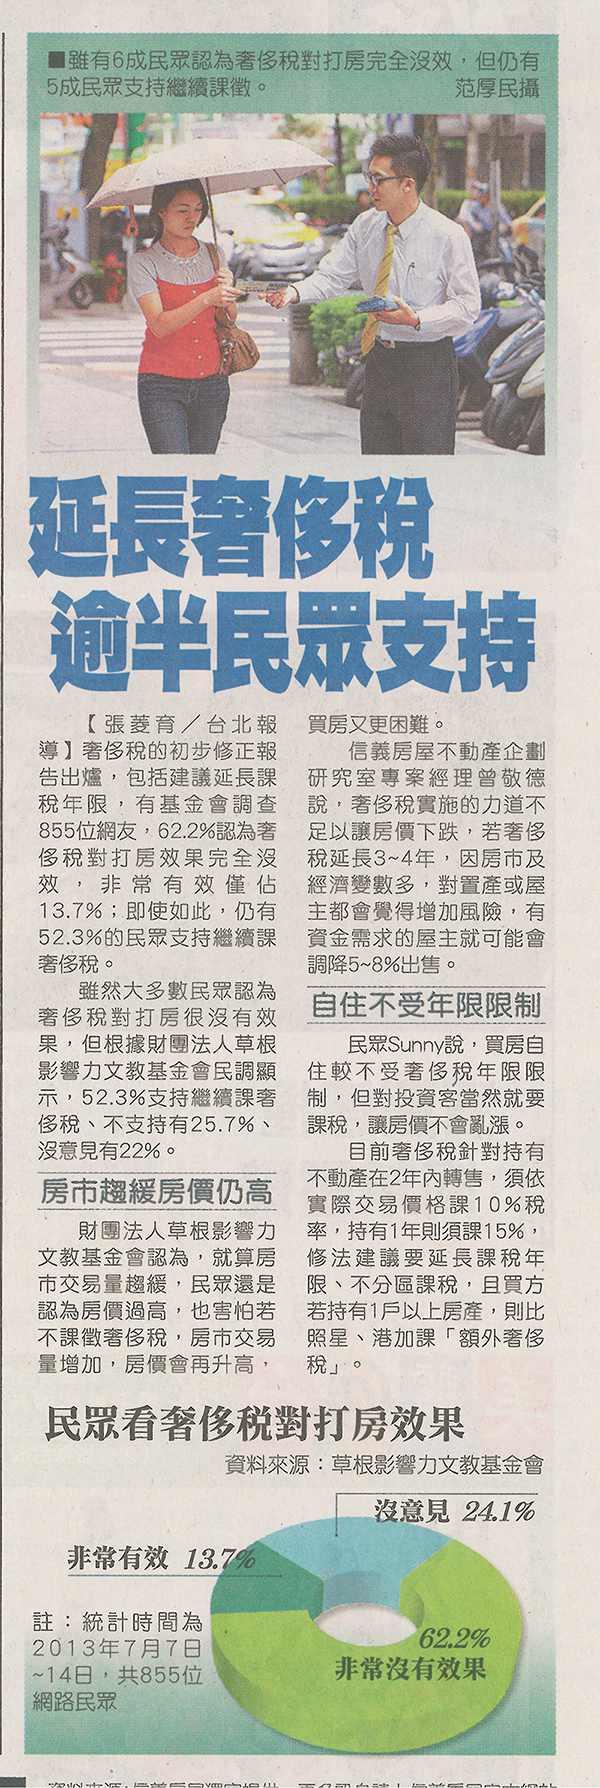 【網路民調】20130722_【奢侈稅】新聞稿